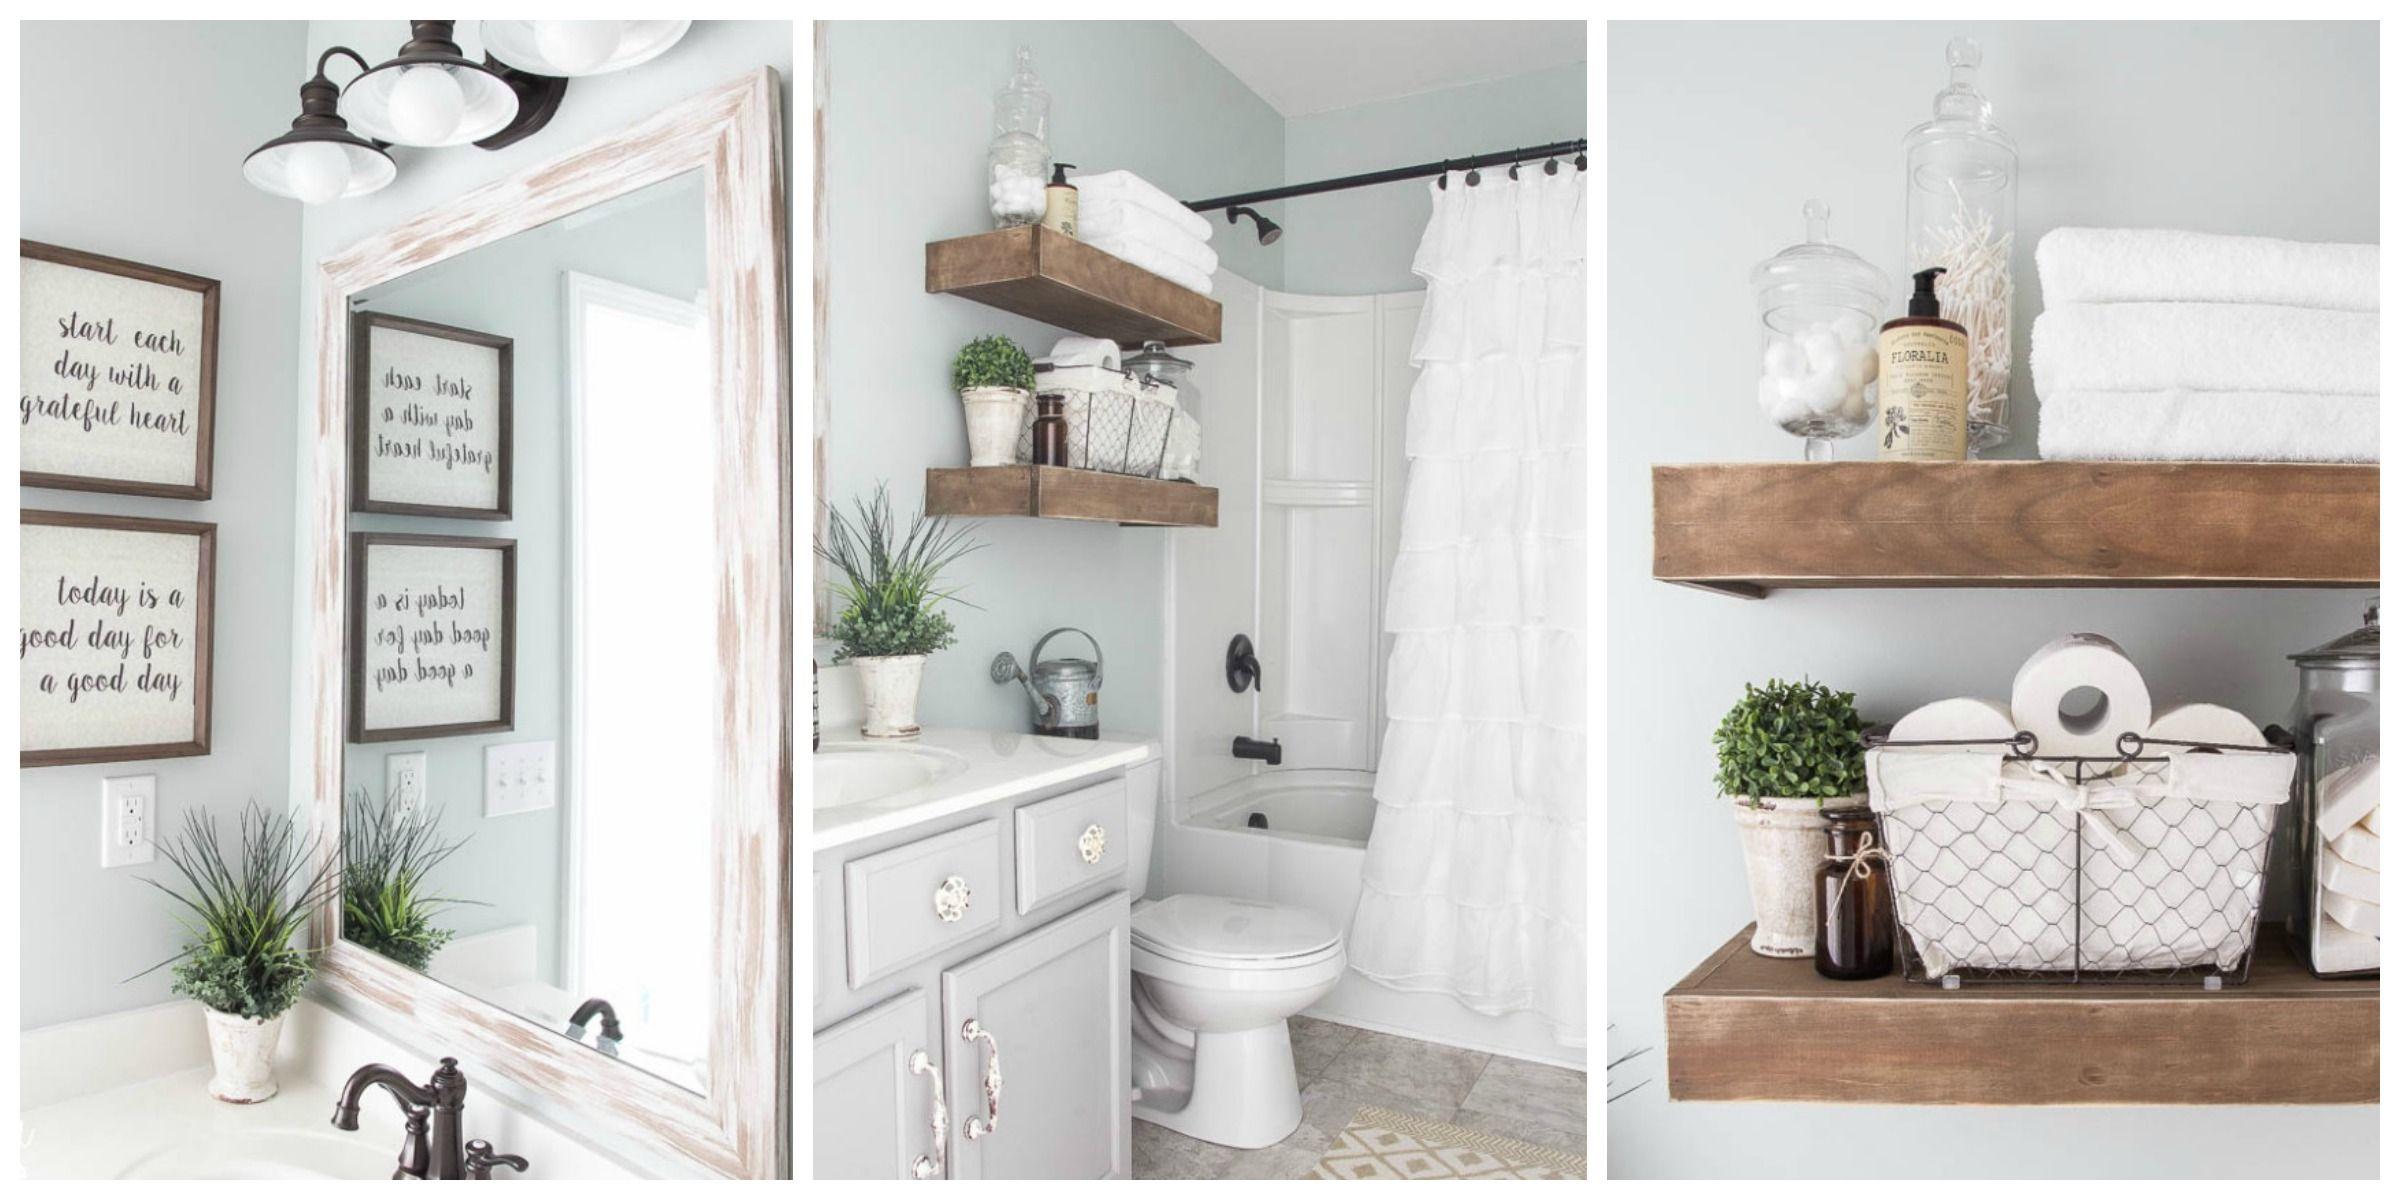 Farmhouse Bathroom Renovation Ideas - Bless\'er House Blog Bathroom ...